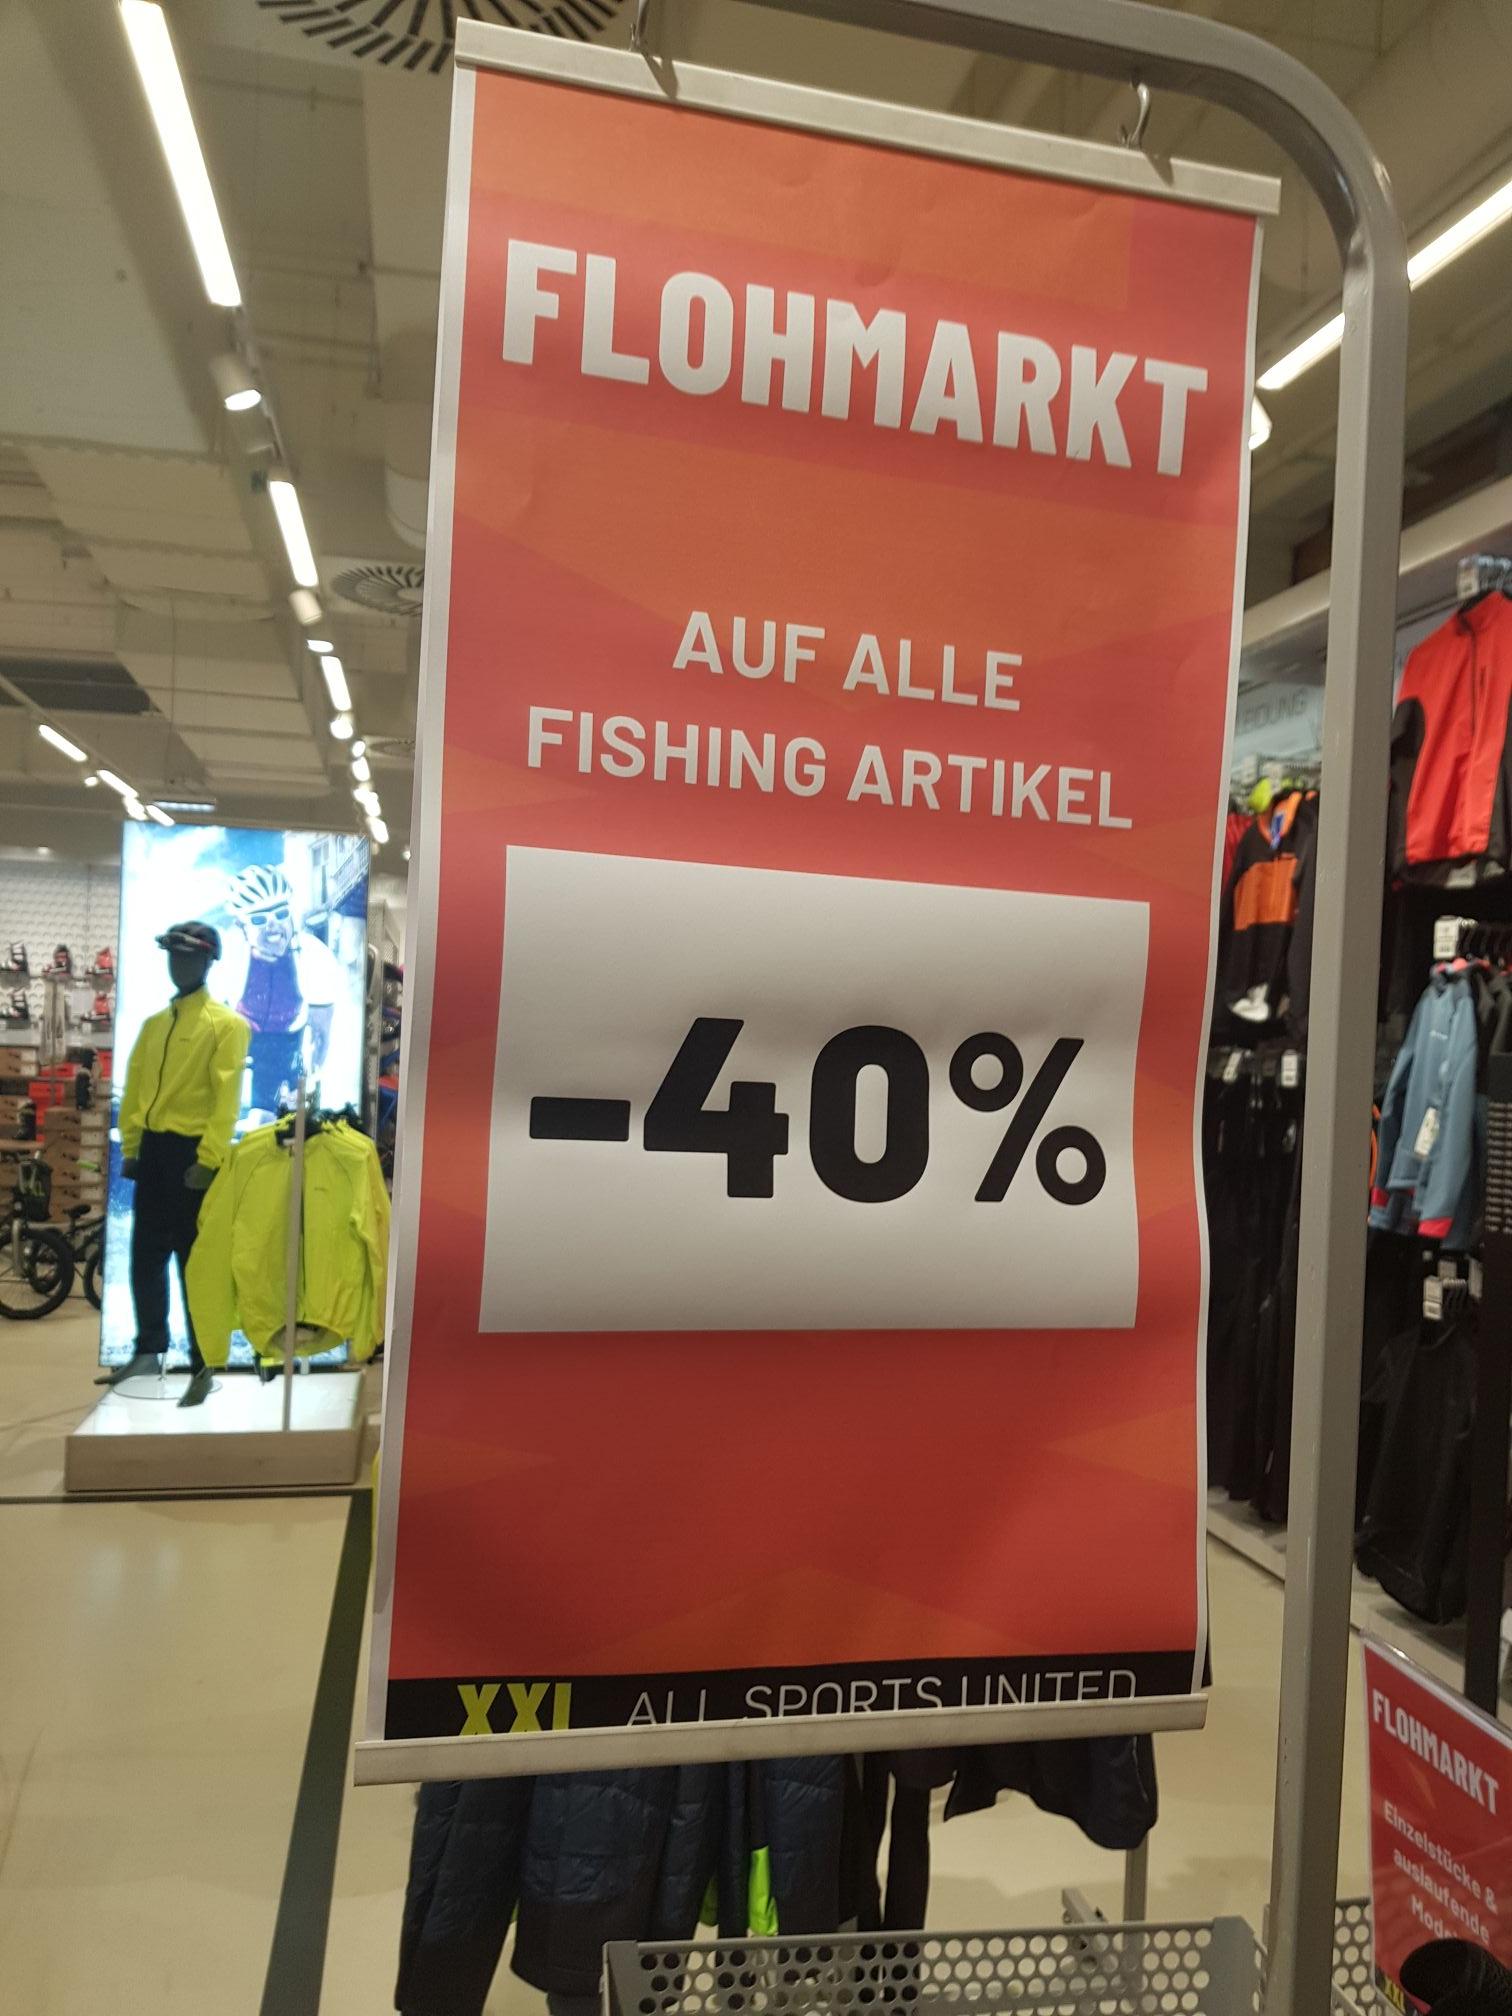 XXL Sport zusätzlich -40% auf Anglersortiment (Lokal?)